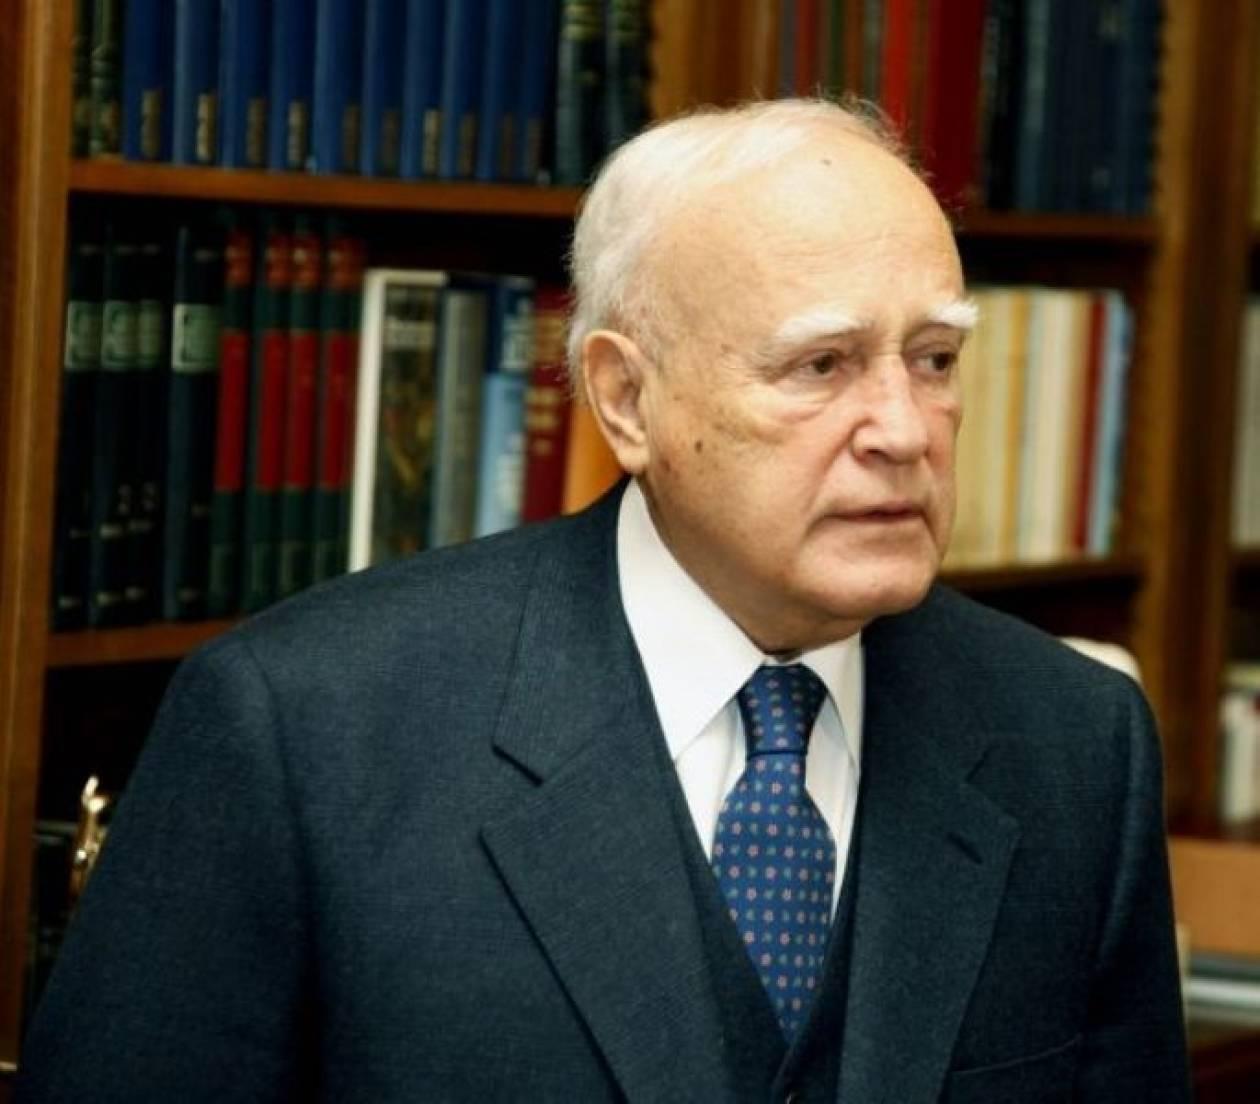 Κ. Παπούλιας: Στους Έλληνες αξίζει πραγματική Ανάσταση